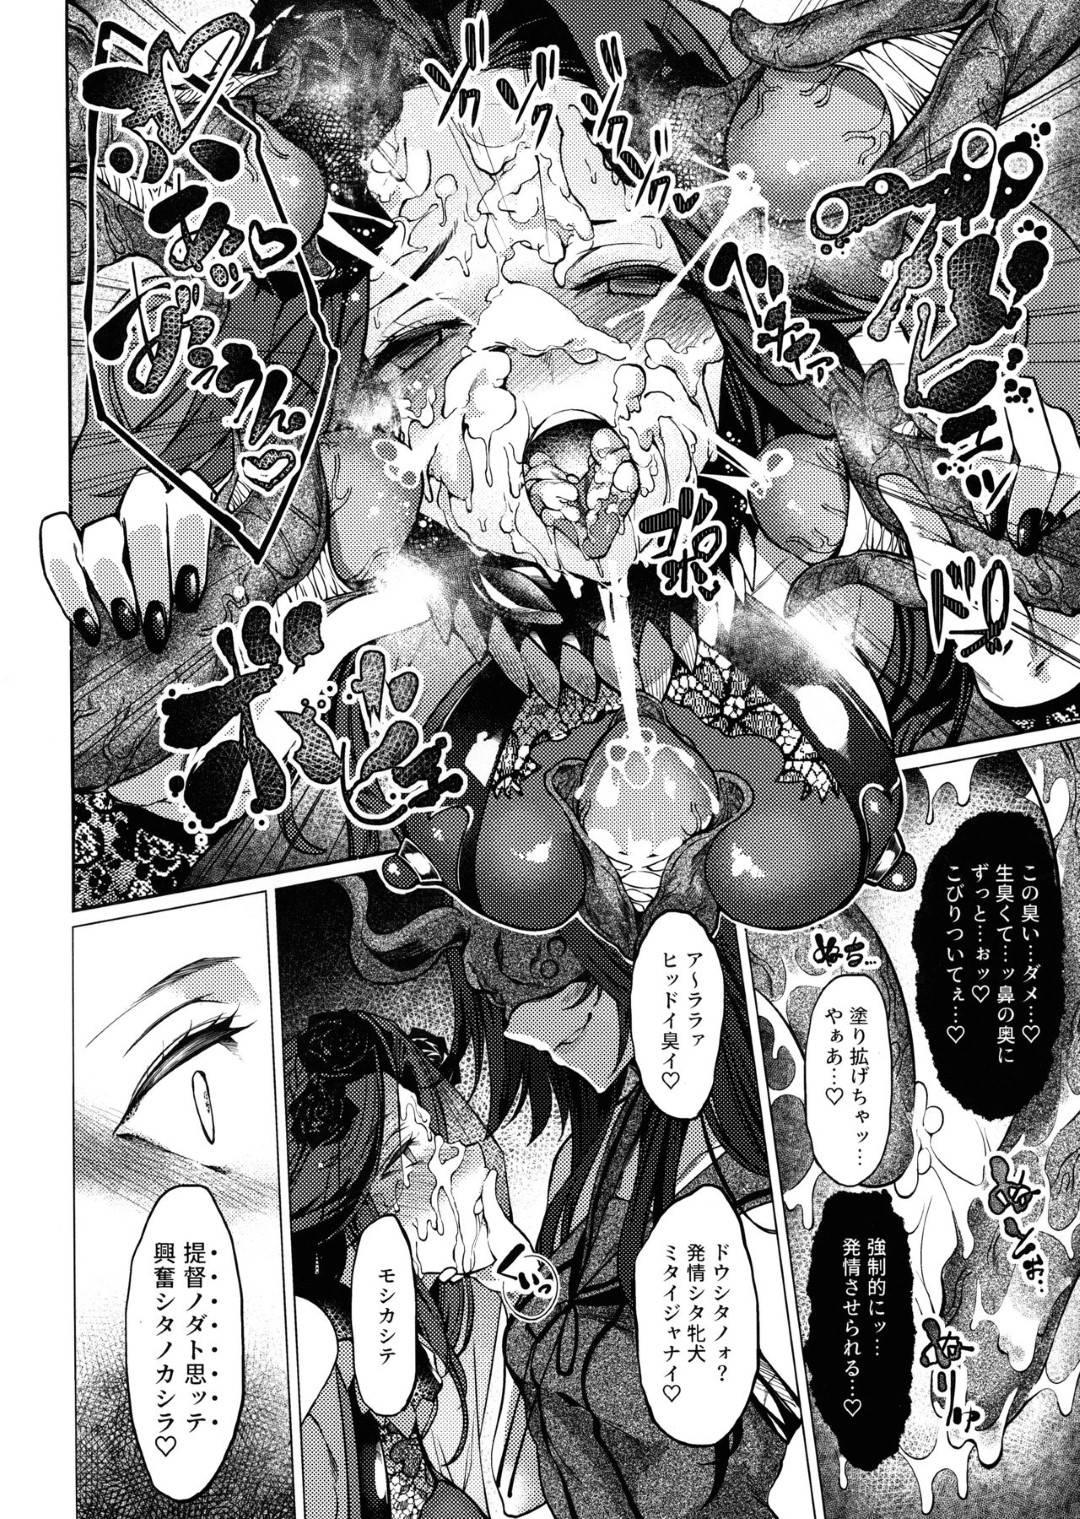 【エロ漫画】軽巡棲姫の奇襲により鹵獲されてしまった神通。拉致監禁されてしまった彼女は調教開発を受ける事となってしまい、全身を触手で拘束された挙げ句、快楽堕ちするまで触手凌辱されてしまう!